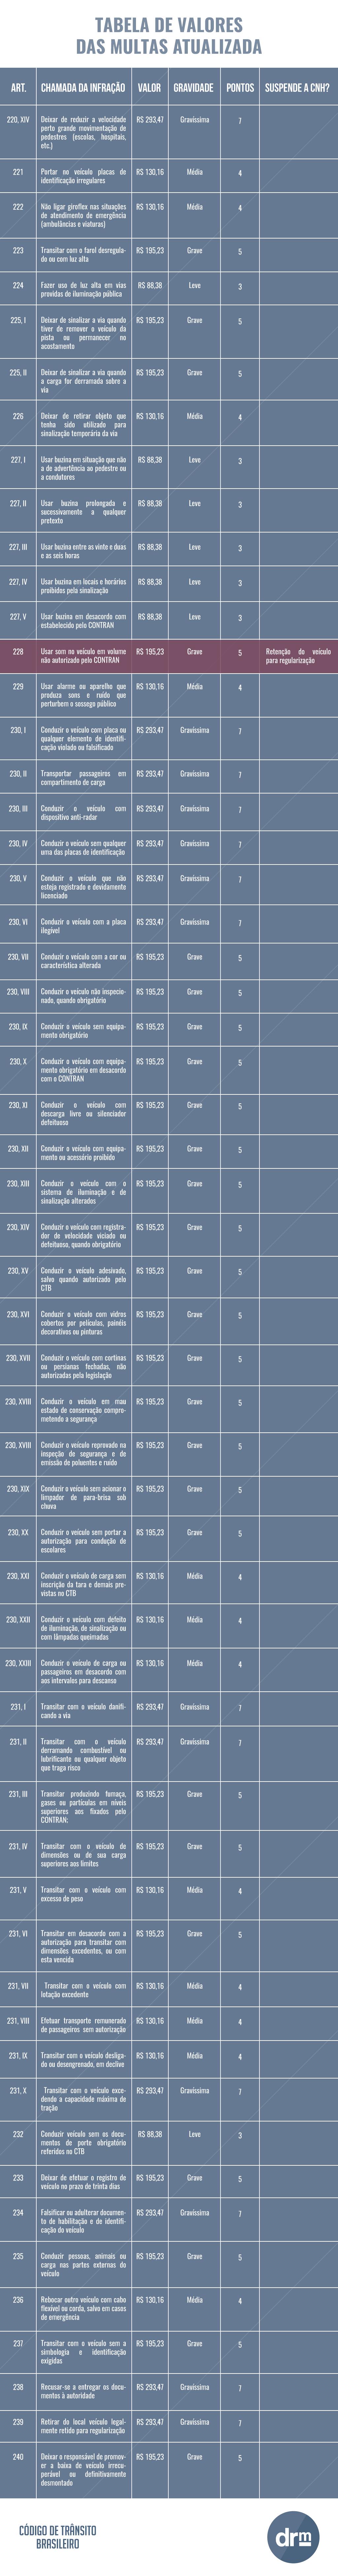 Tabela de multas atualizada - parte 3